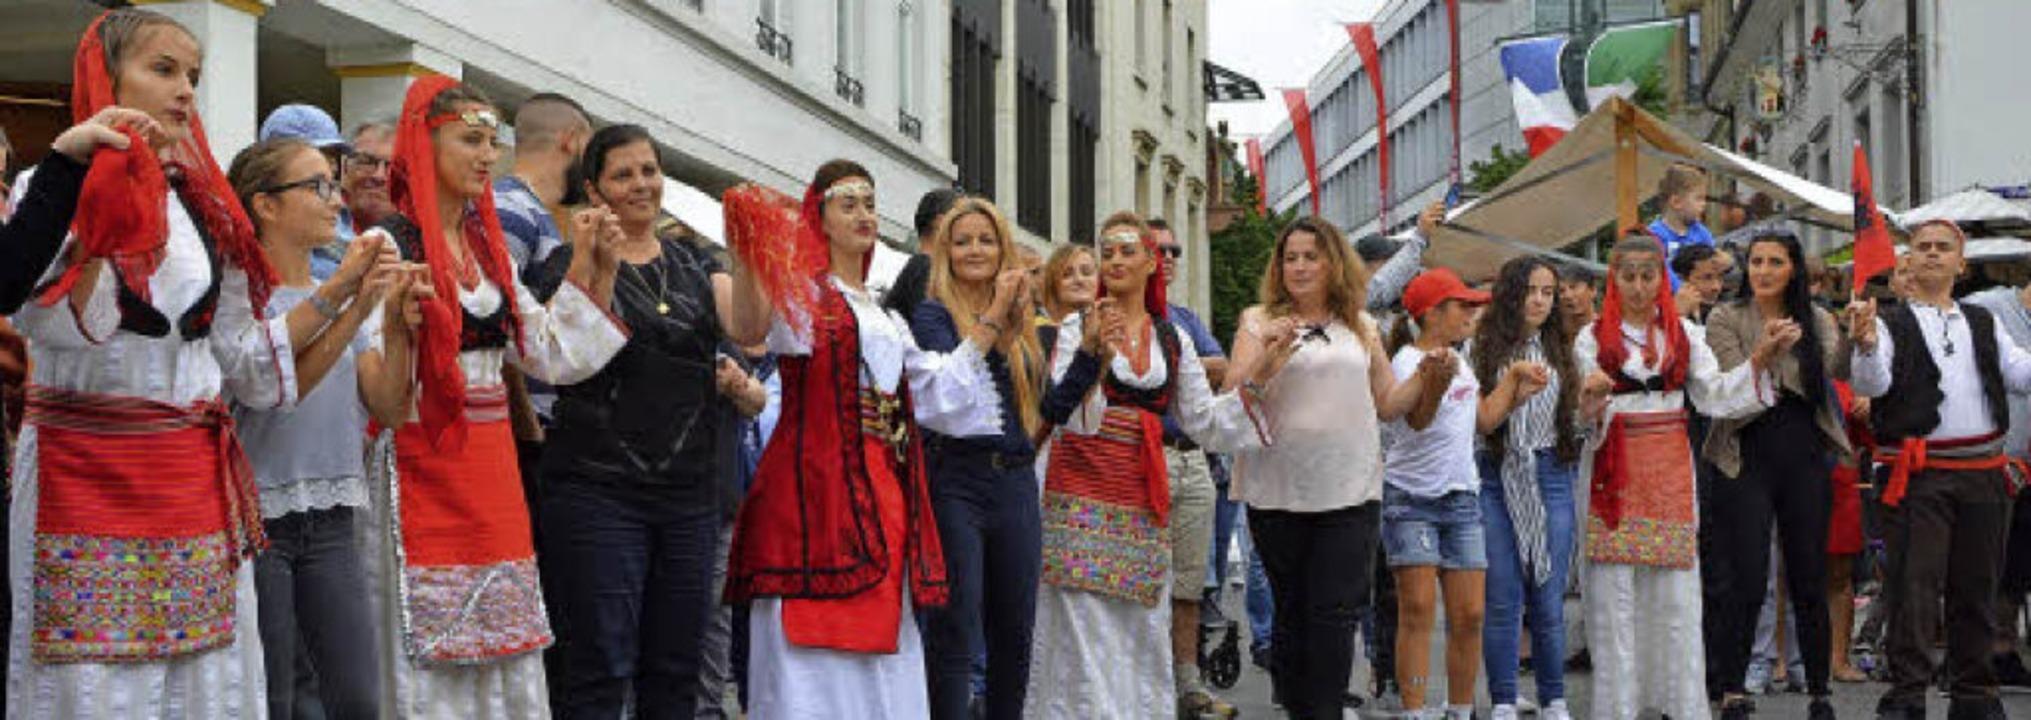 Das Miteinander verschiedener Kulturen...im Internationalen Sommerfest gelebt.   | Foto: Barbara Ruda